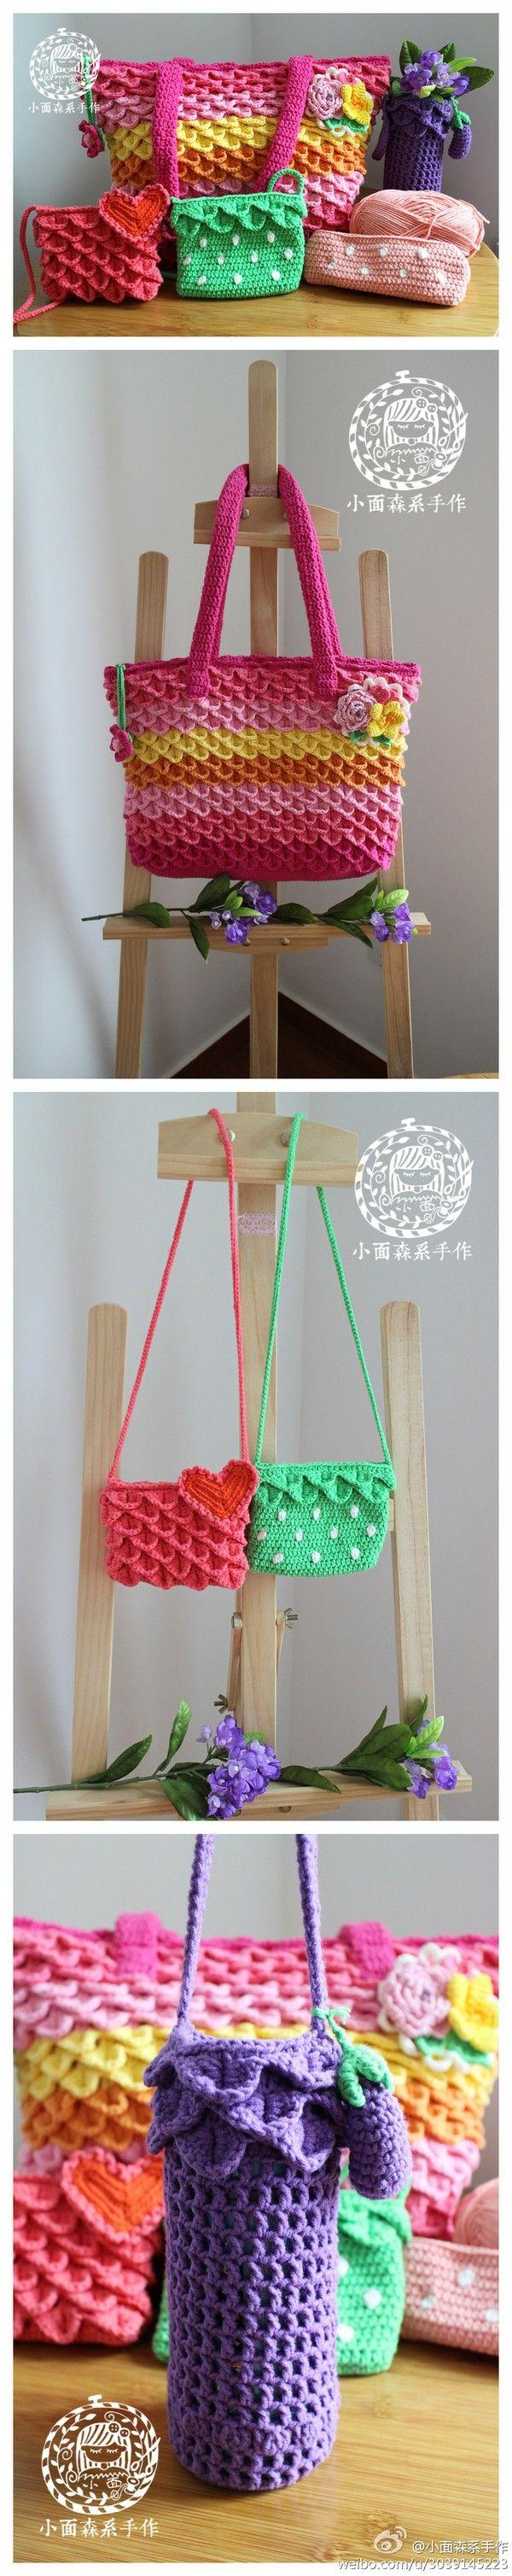 Bolsa a crochet..tutorial..手工 生活 钩针 钩花 艺术